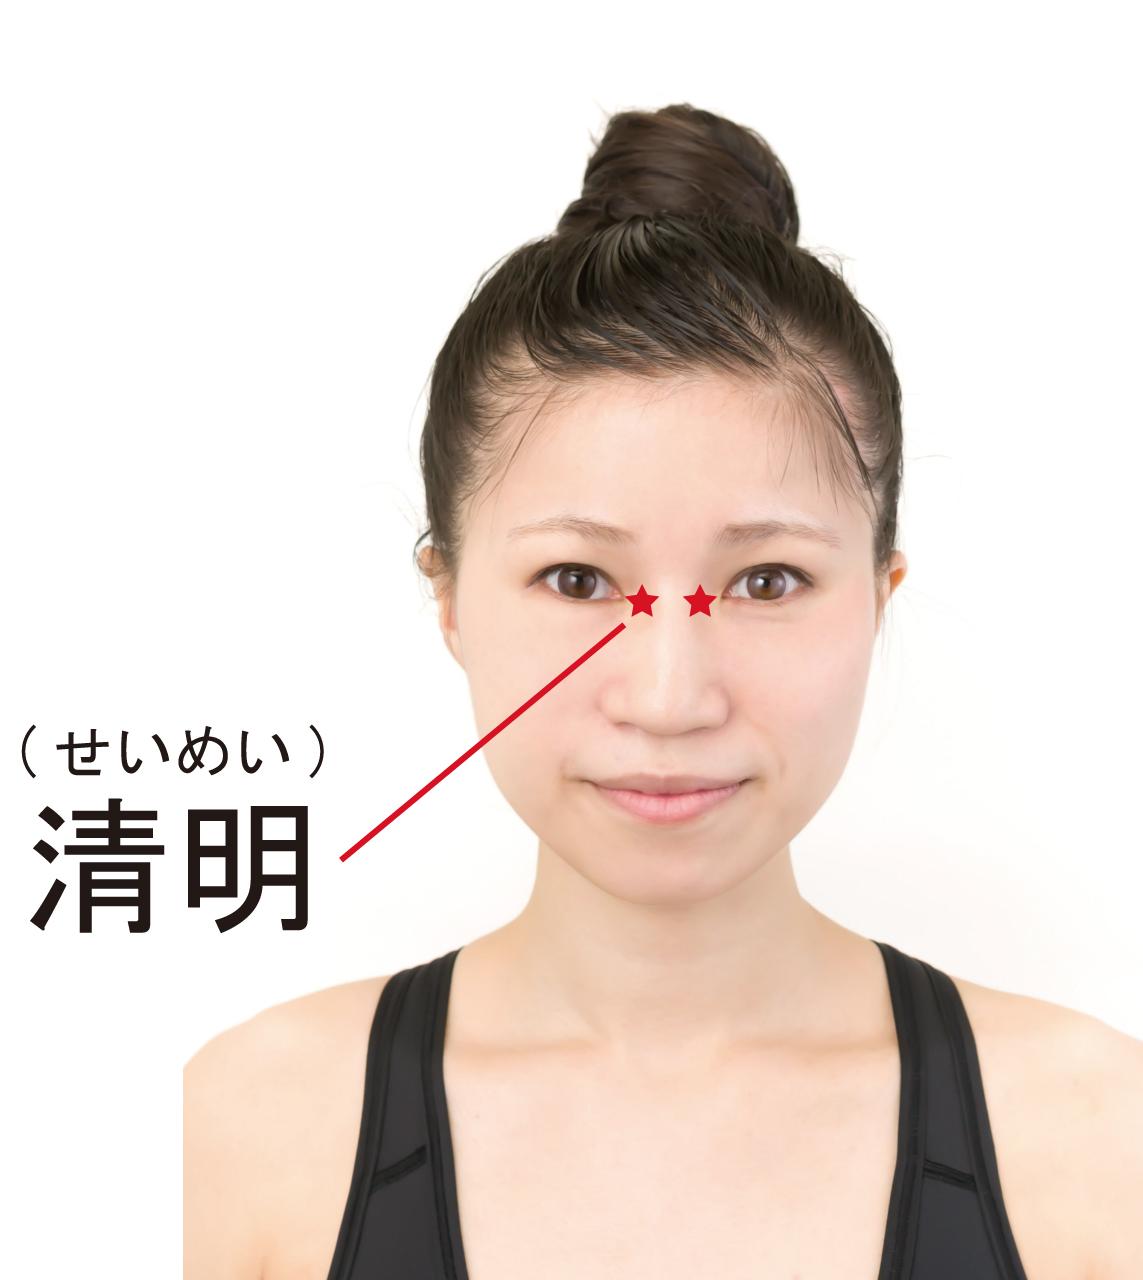 薄毛対策のツボ「清明(せいめい)」のツボの位置を記した女性の画像